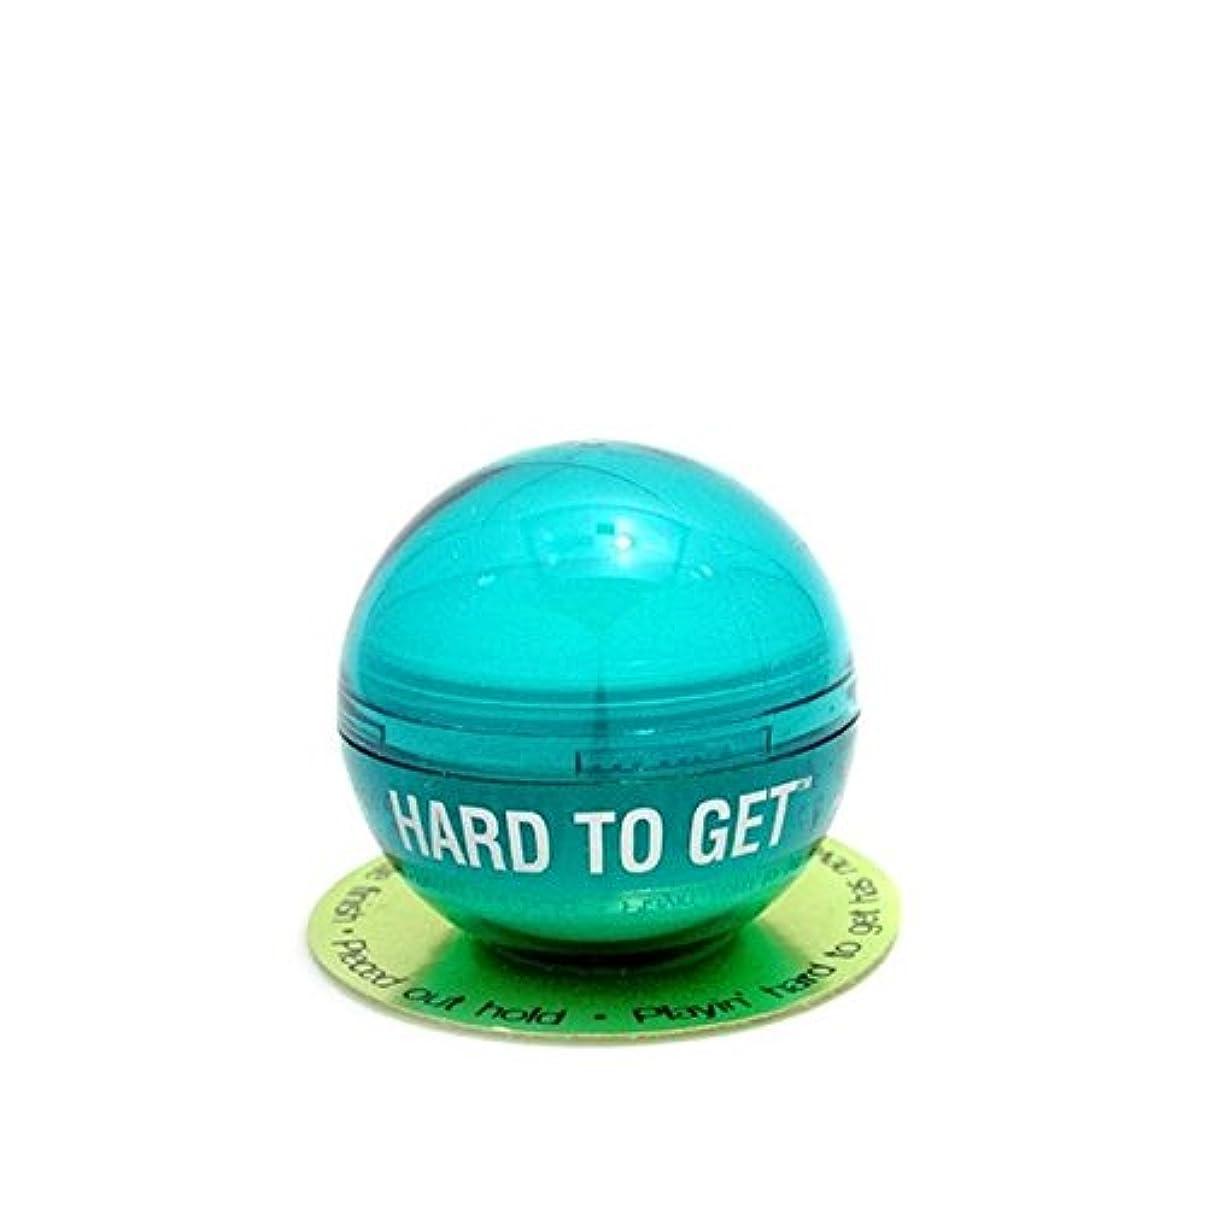 品揃え逮捕タヒチテクスチャーペーストを取得するのは難しいティジーベッドヘッド(42グラム) x2 - Tigi Bed Head Hard To Get Texturising Paste (42G) (Pack of 2) [並行輸入品]